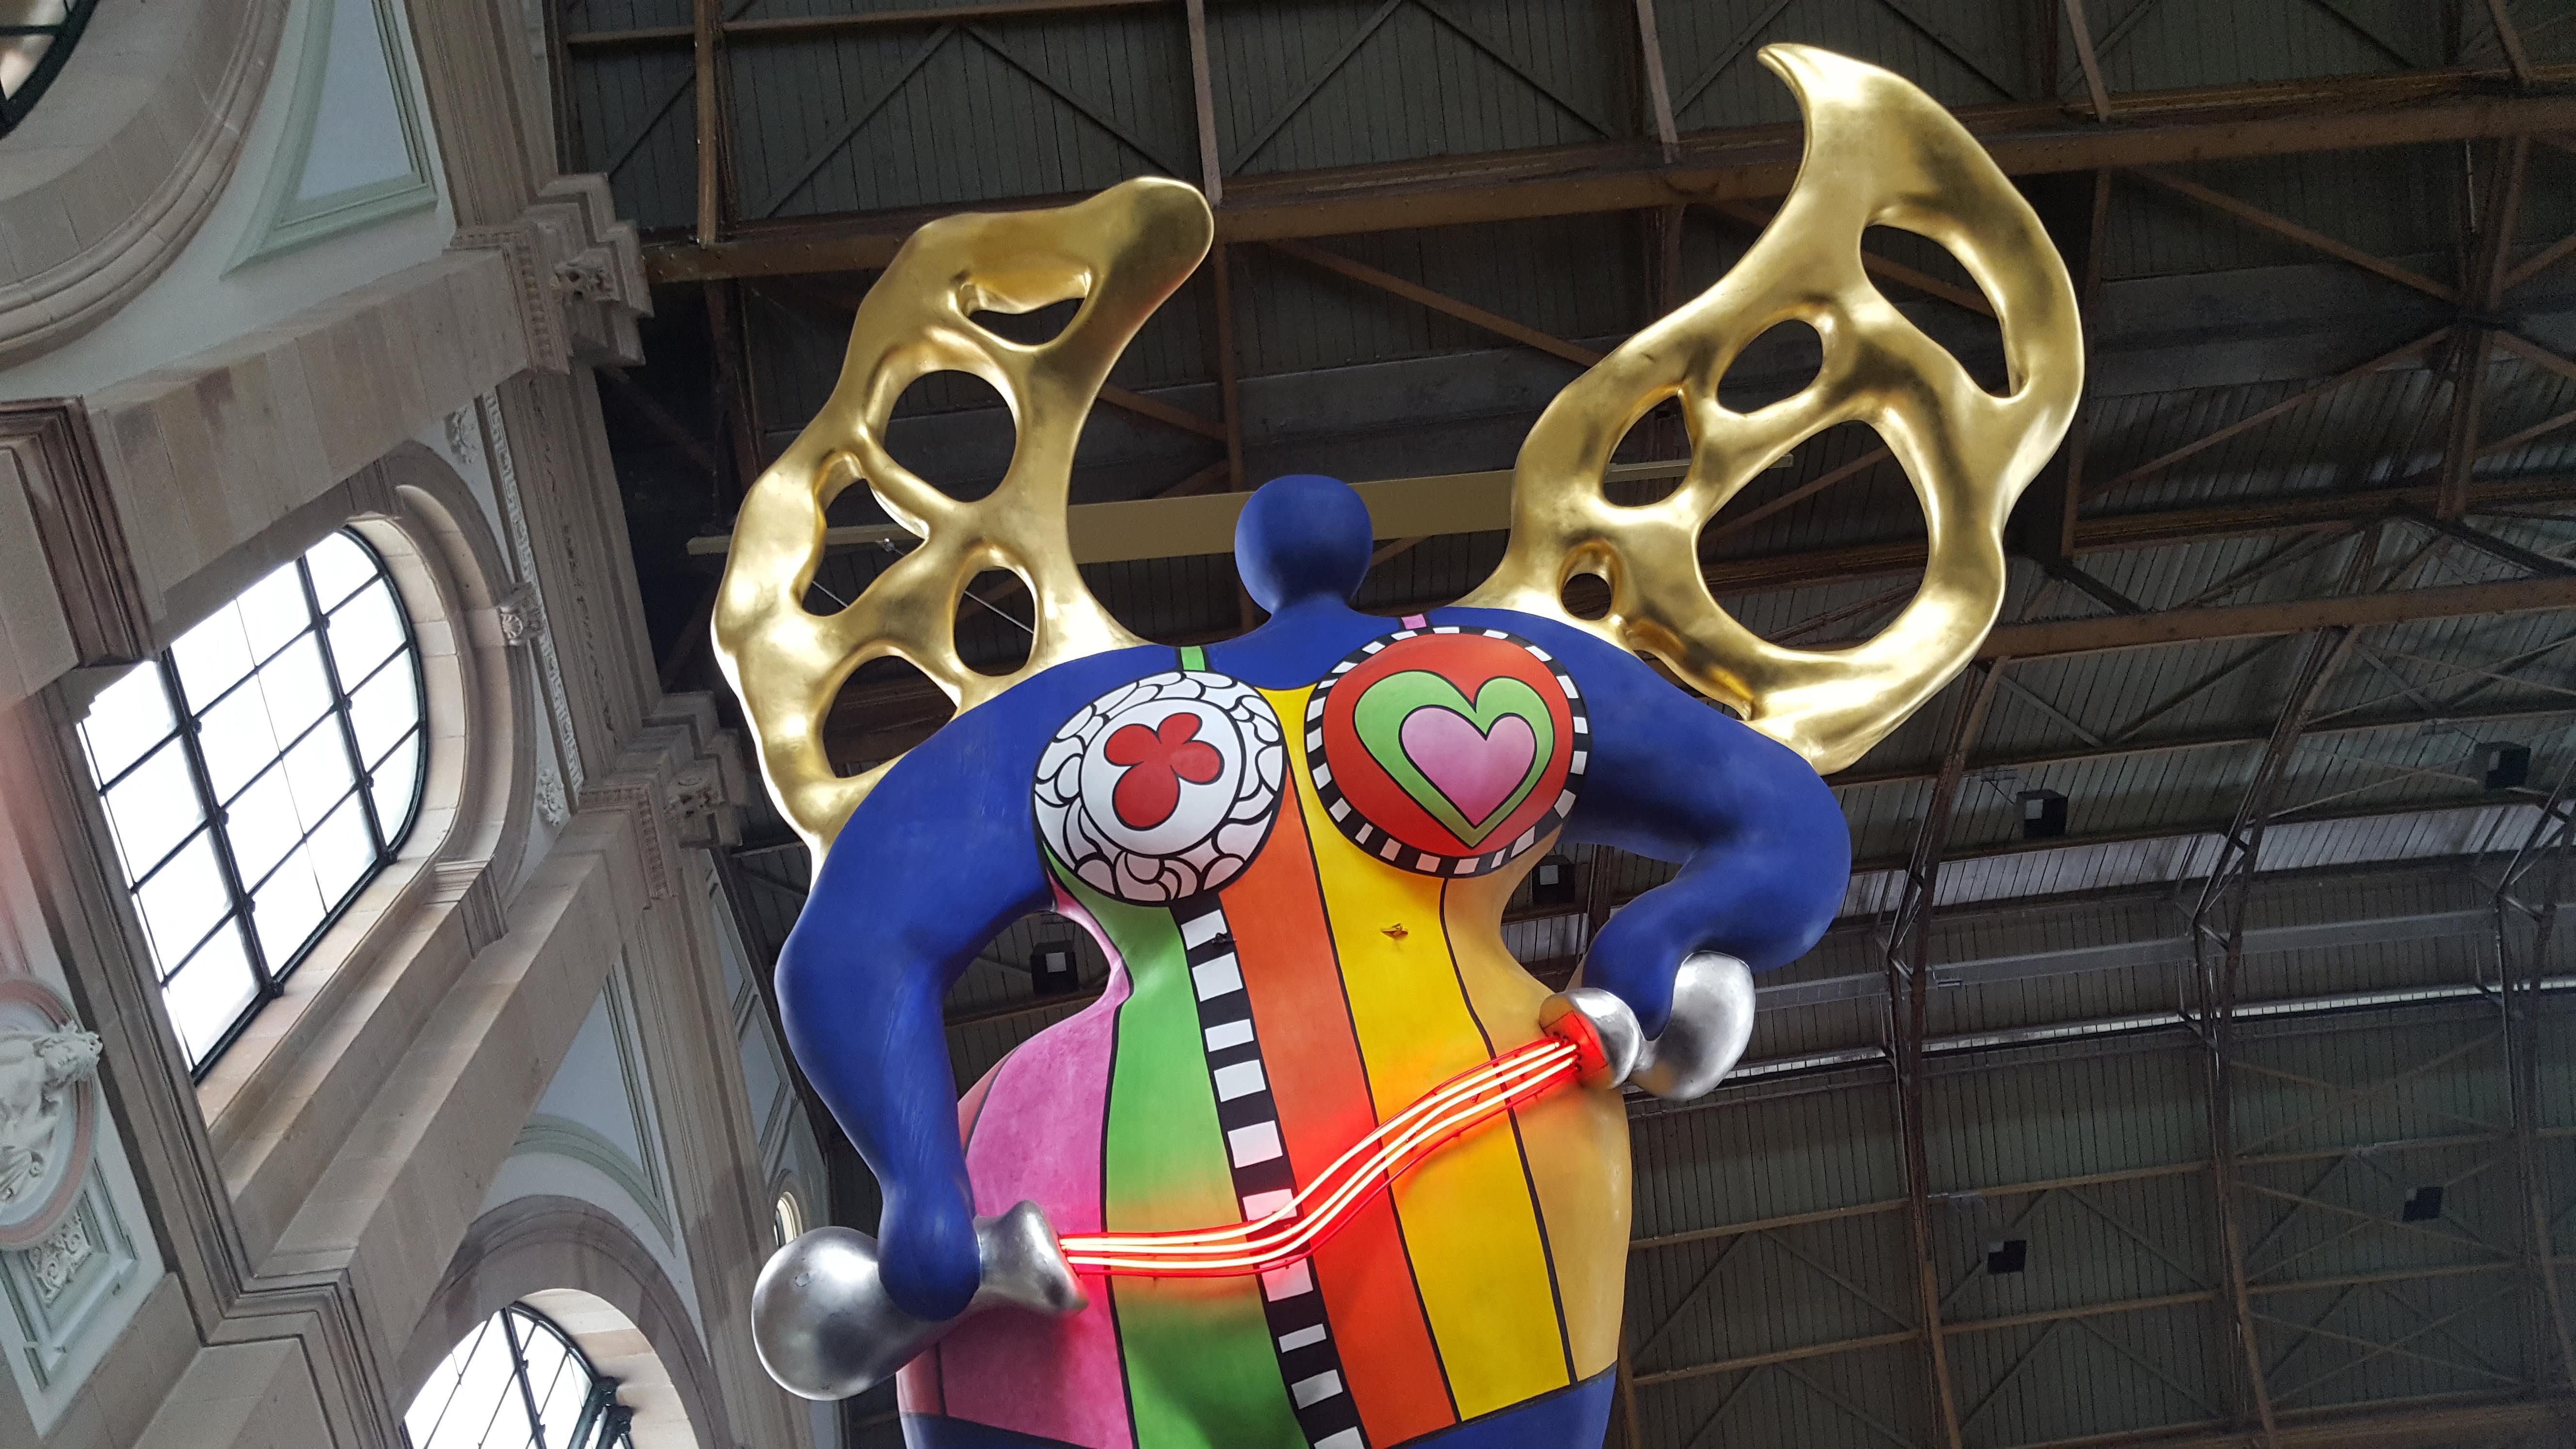 Farbiges Kunstobjekt in farbiger Engelsform unter dem Dach der Zürcher Hauptbahnhofhalle.